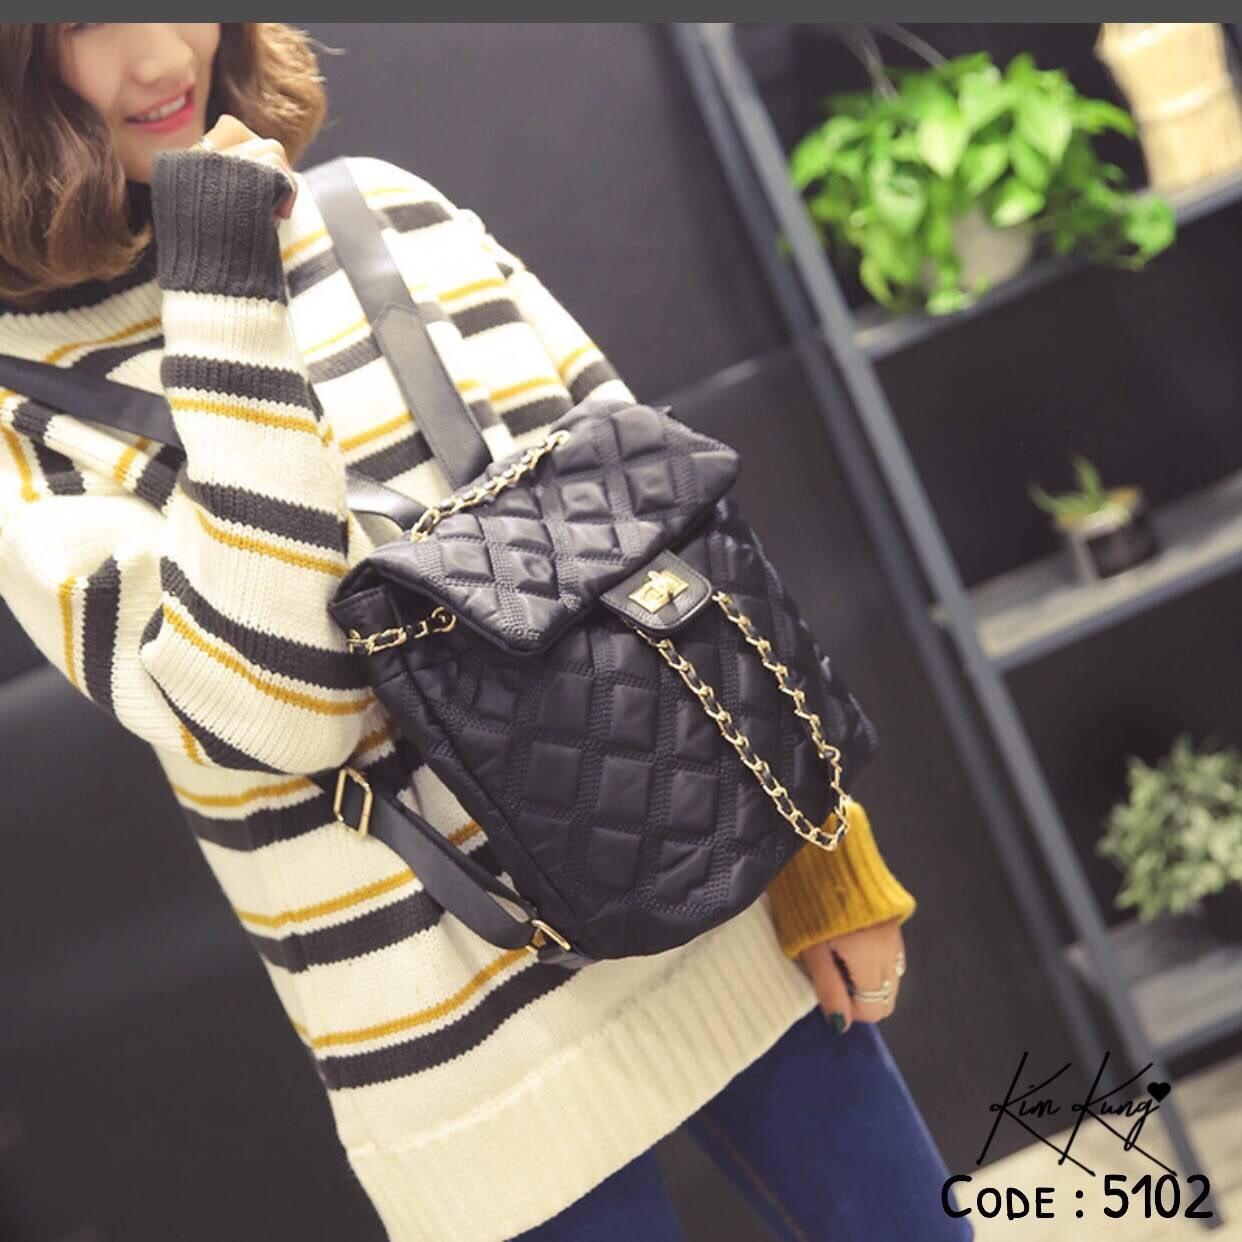 กระเป๋าเป้แฟชั่น งานนำเข้า น้ำหนักเบา วัสดุทำจากผ้าไนล่อน อะไหล่สวย เรียบหรู สายปรับได้ ขนาด :26*23*15 cm (5102)